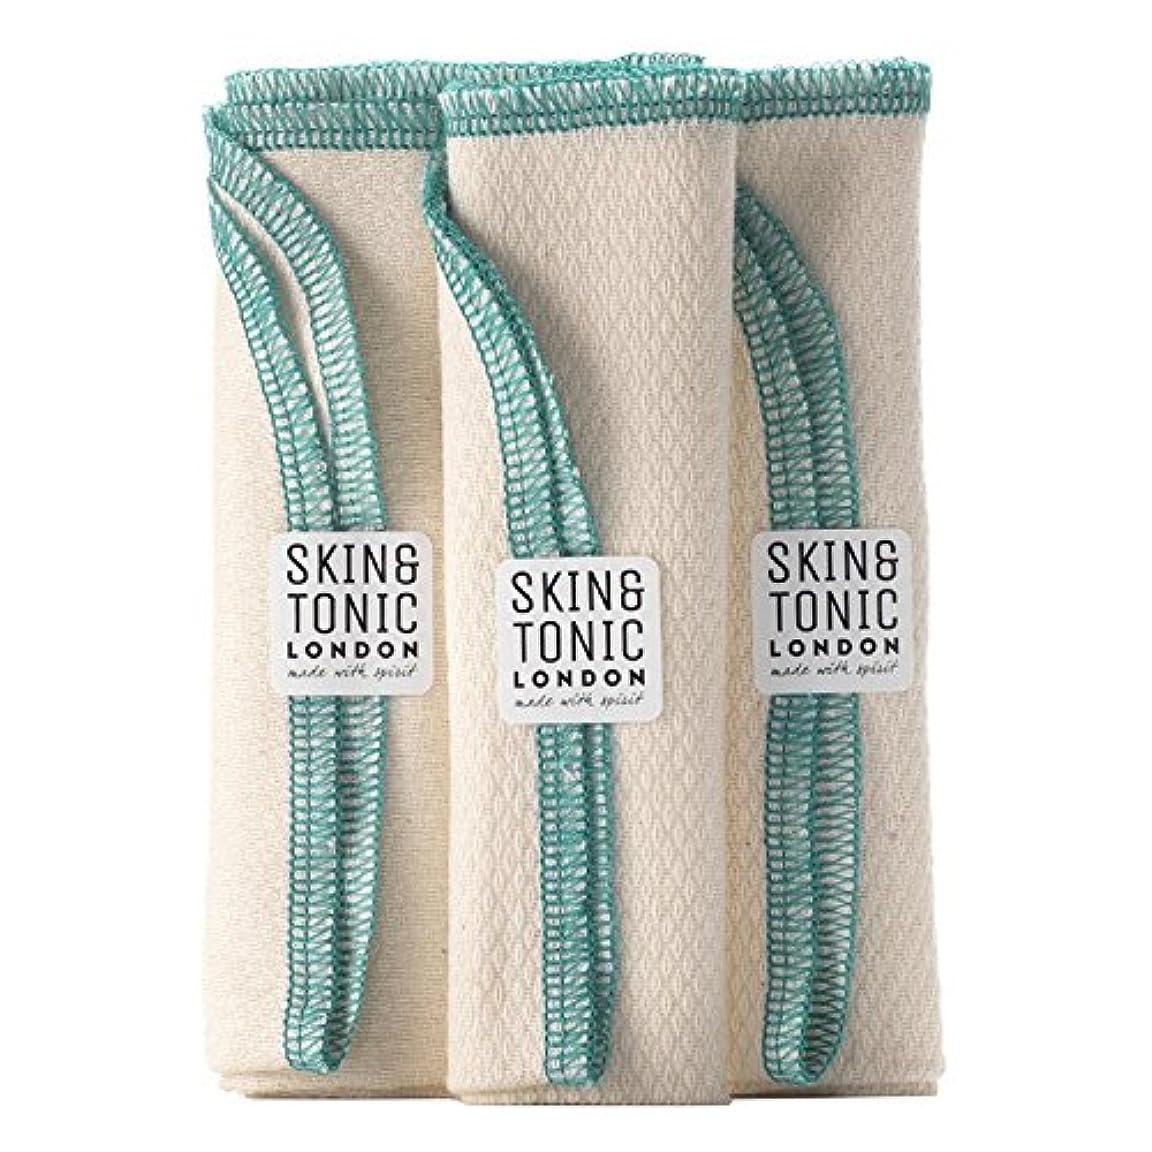 名門ジョイントコーンウォールスキン&トニックロンドンオーガニックコットン生地 x2 - Skin & Tonic London Organic Cotton Cloth (Pack of 2) [並行輸入品]